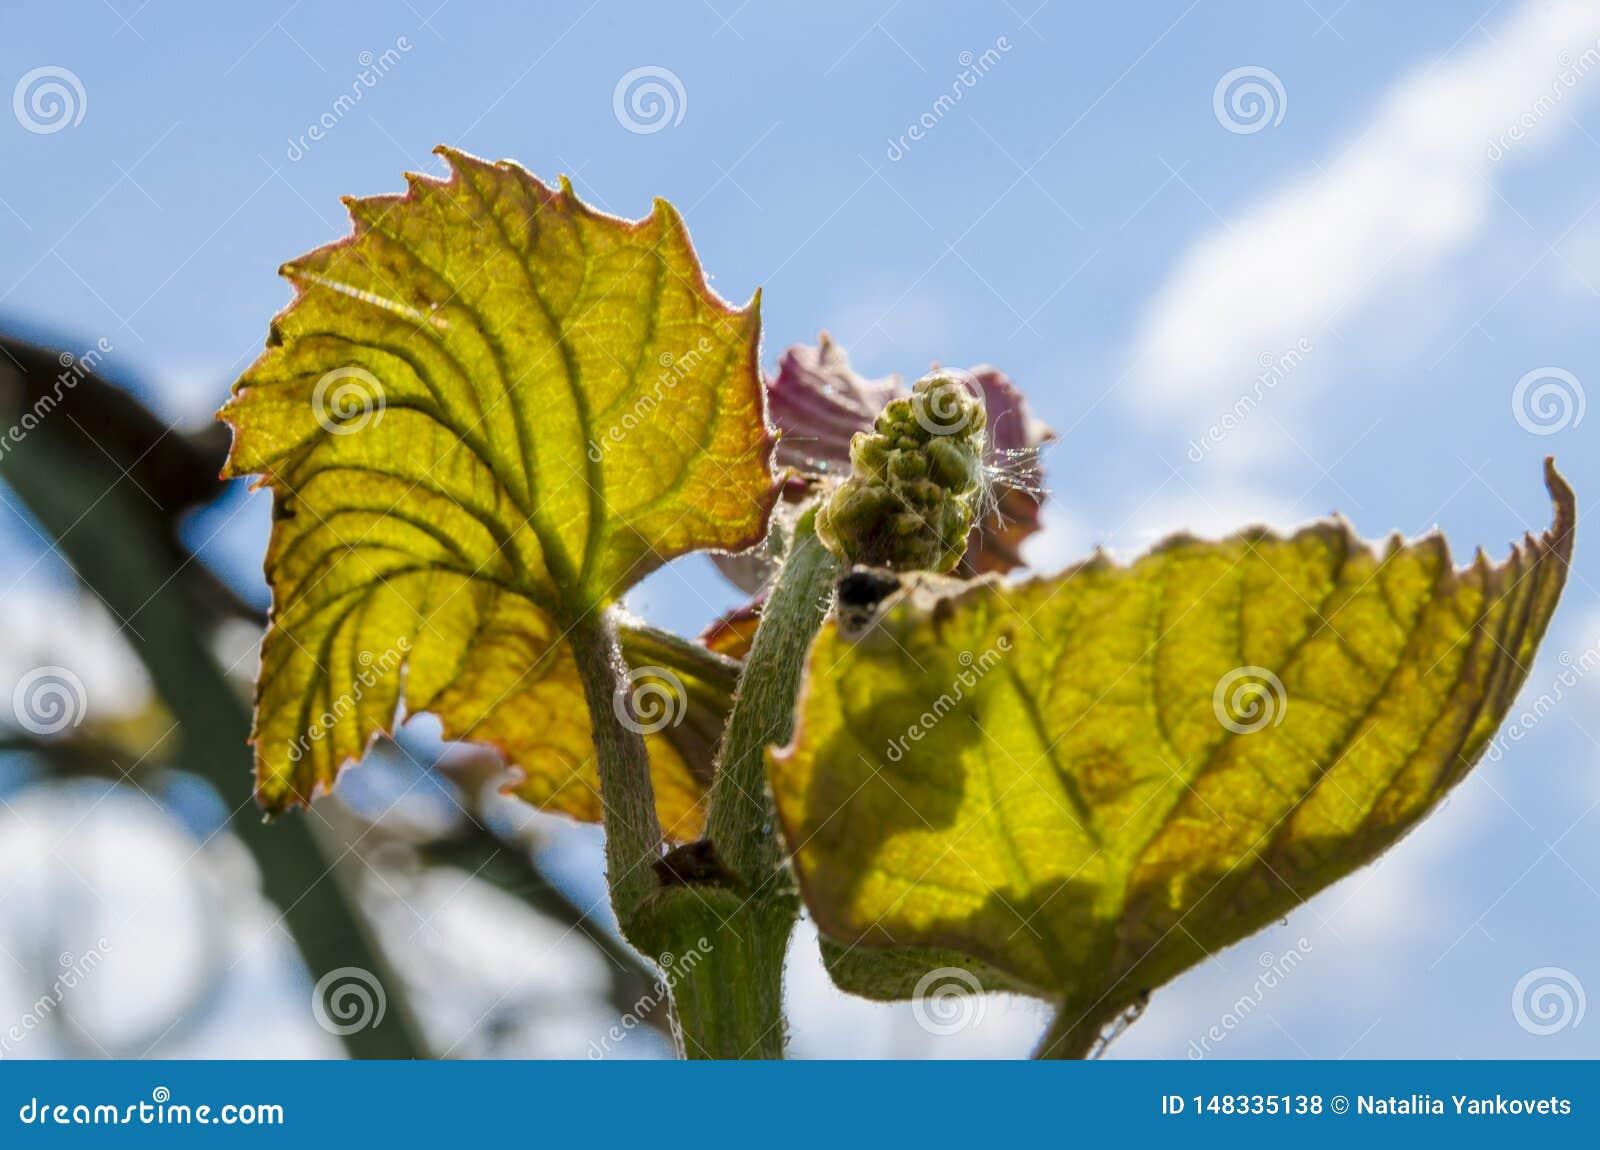 Groupes de jeunes raisins dans le jardin sous les rayons du soleil